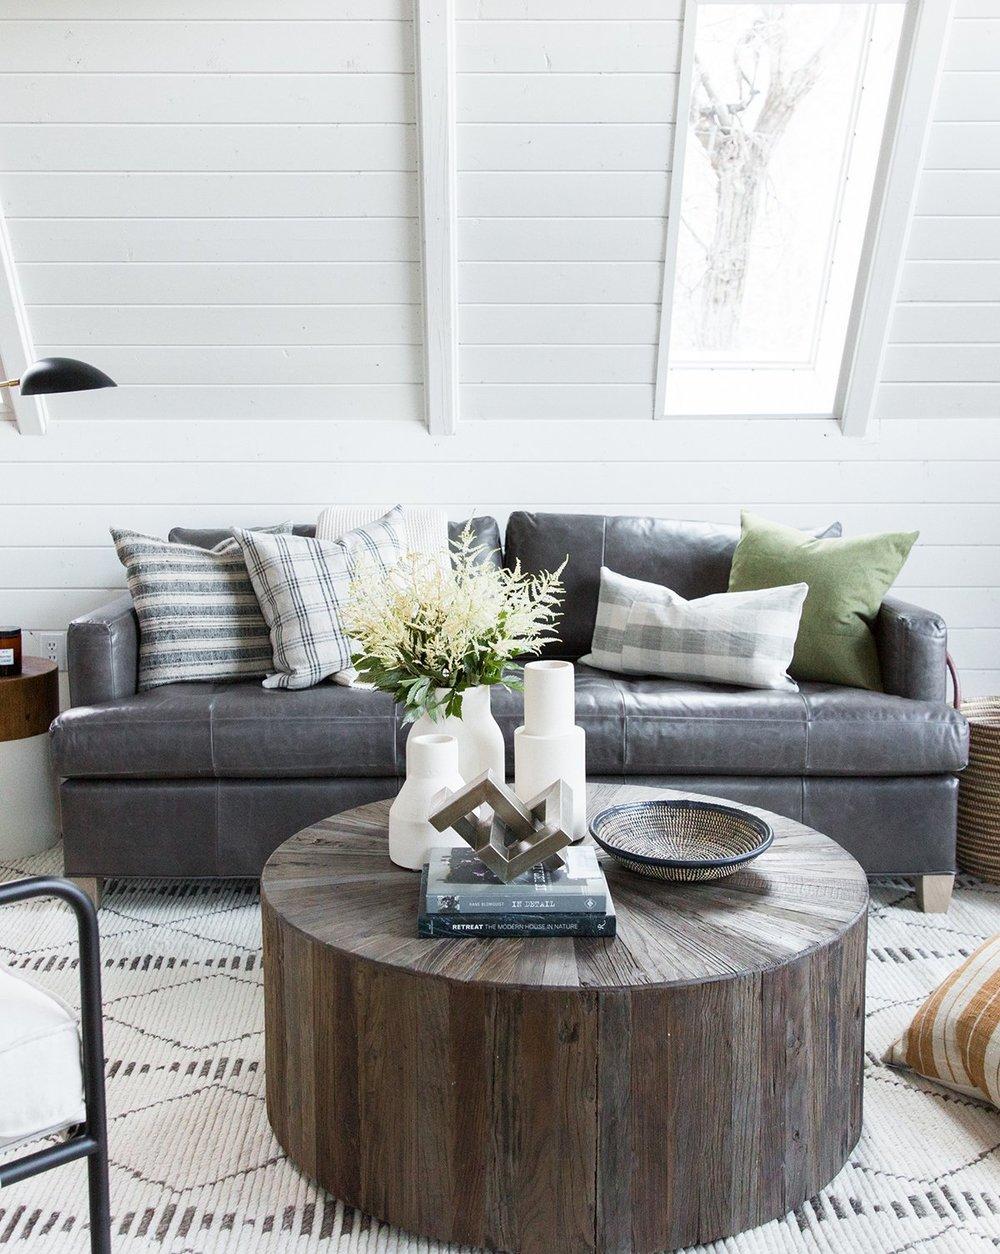 Merida Rug, mcgeeandco.com | Cozy rug guide for winter - Studio McGee Blog